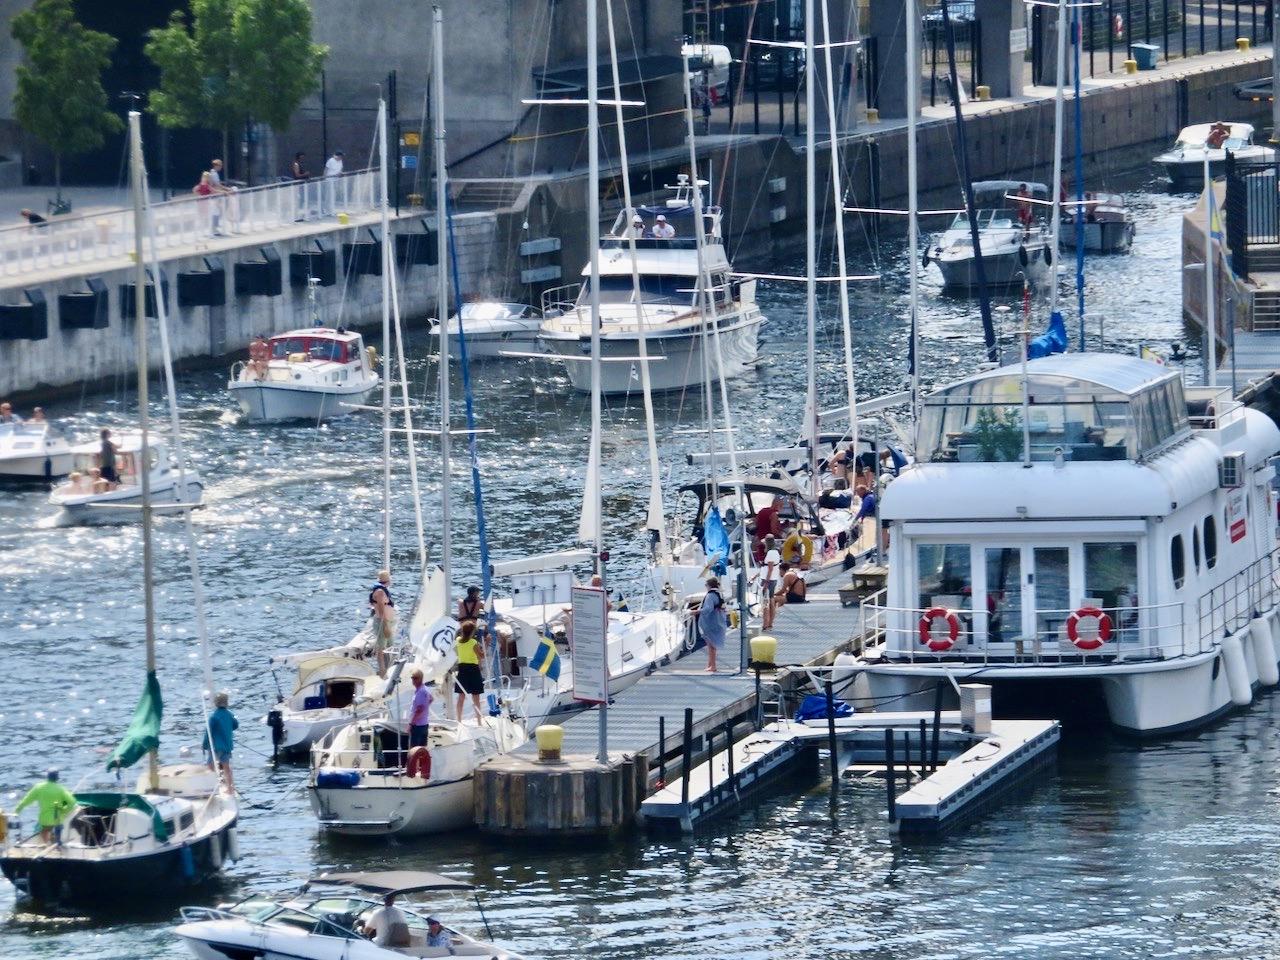 Hammarbyslussen. Södermalm. God underhållning med alla båtar som ska slussa.